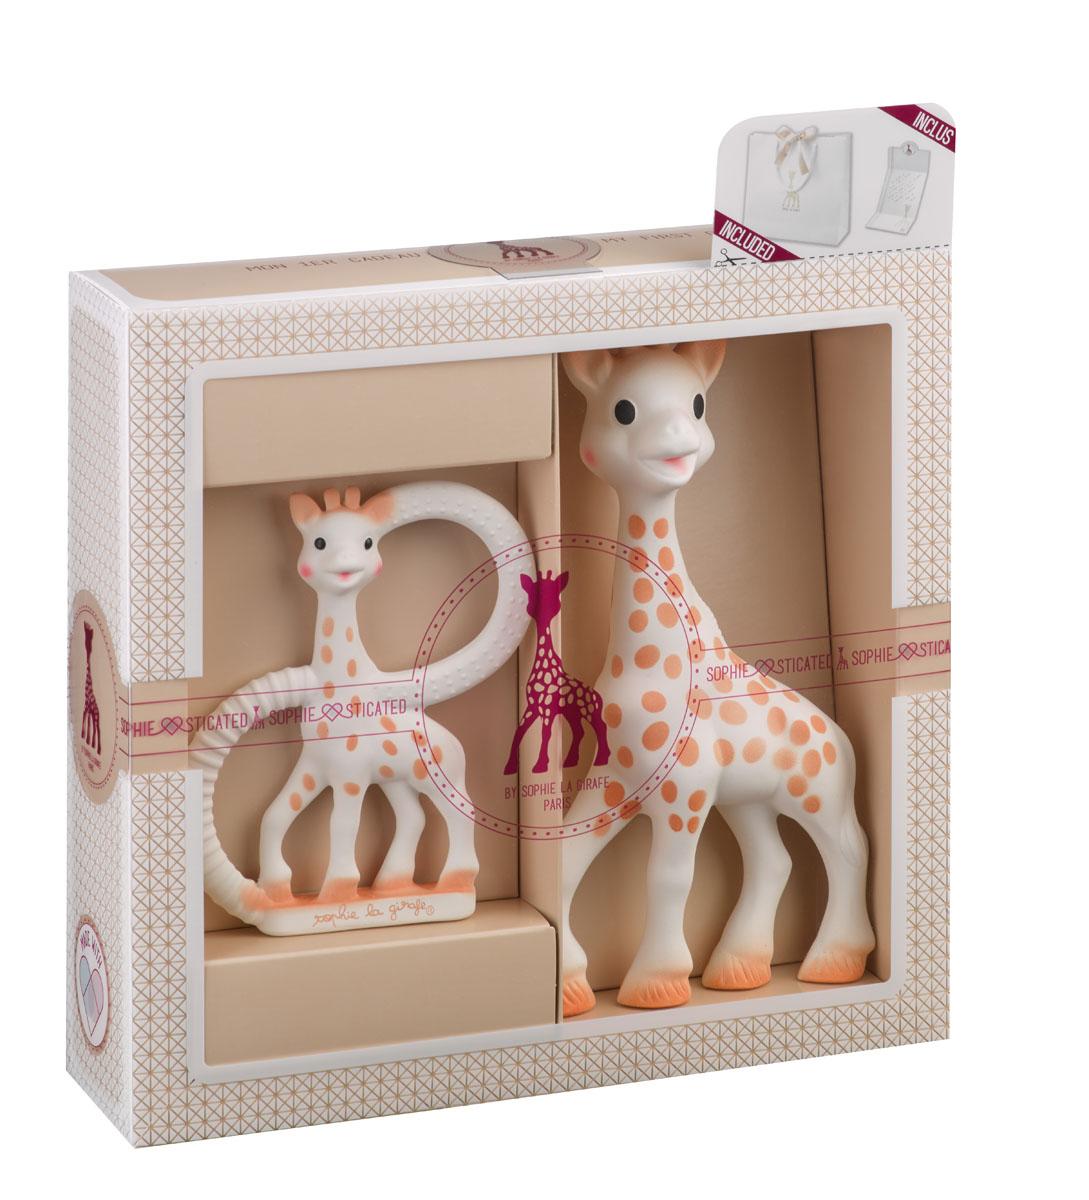 игровая фигурка vulli vulli прорезыватель жирафик софи Прорезыватель Sophie la girafe (Vulli) набор в подарочной упаковке бежевый